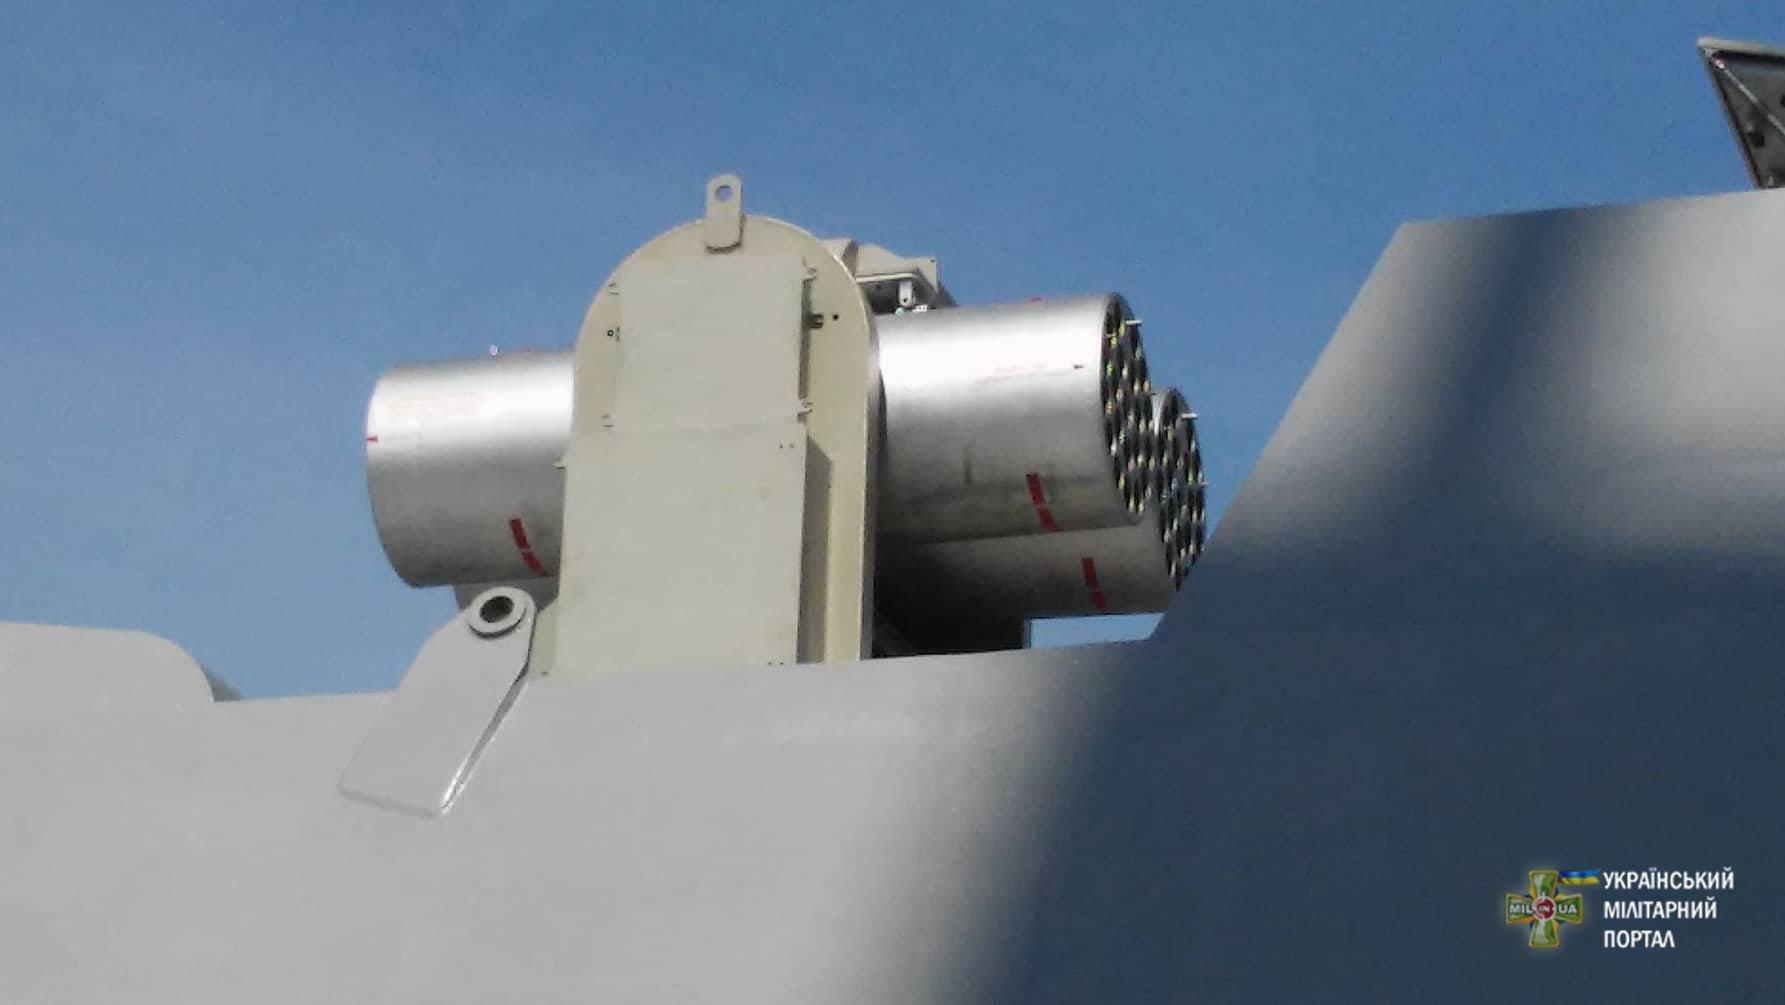 80-мм реактивная система залпового огня